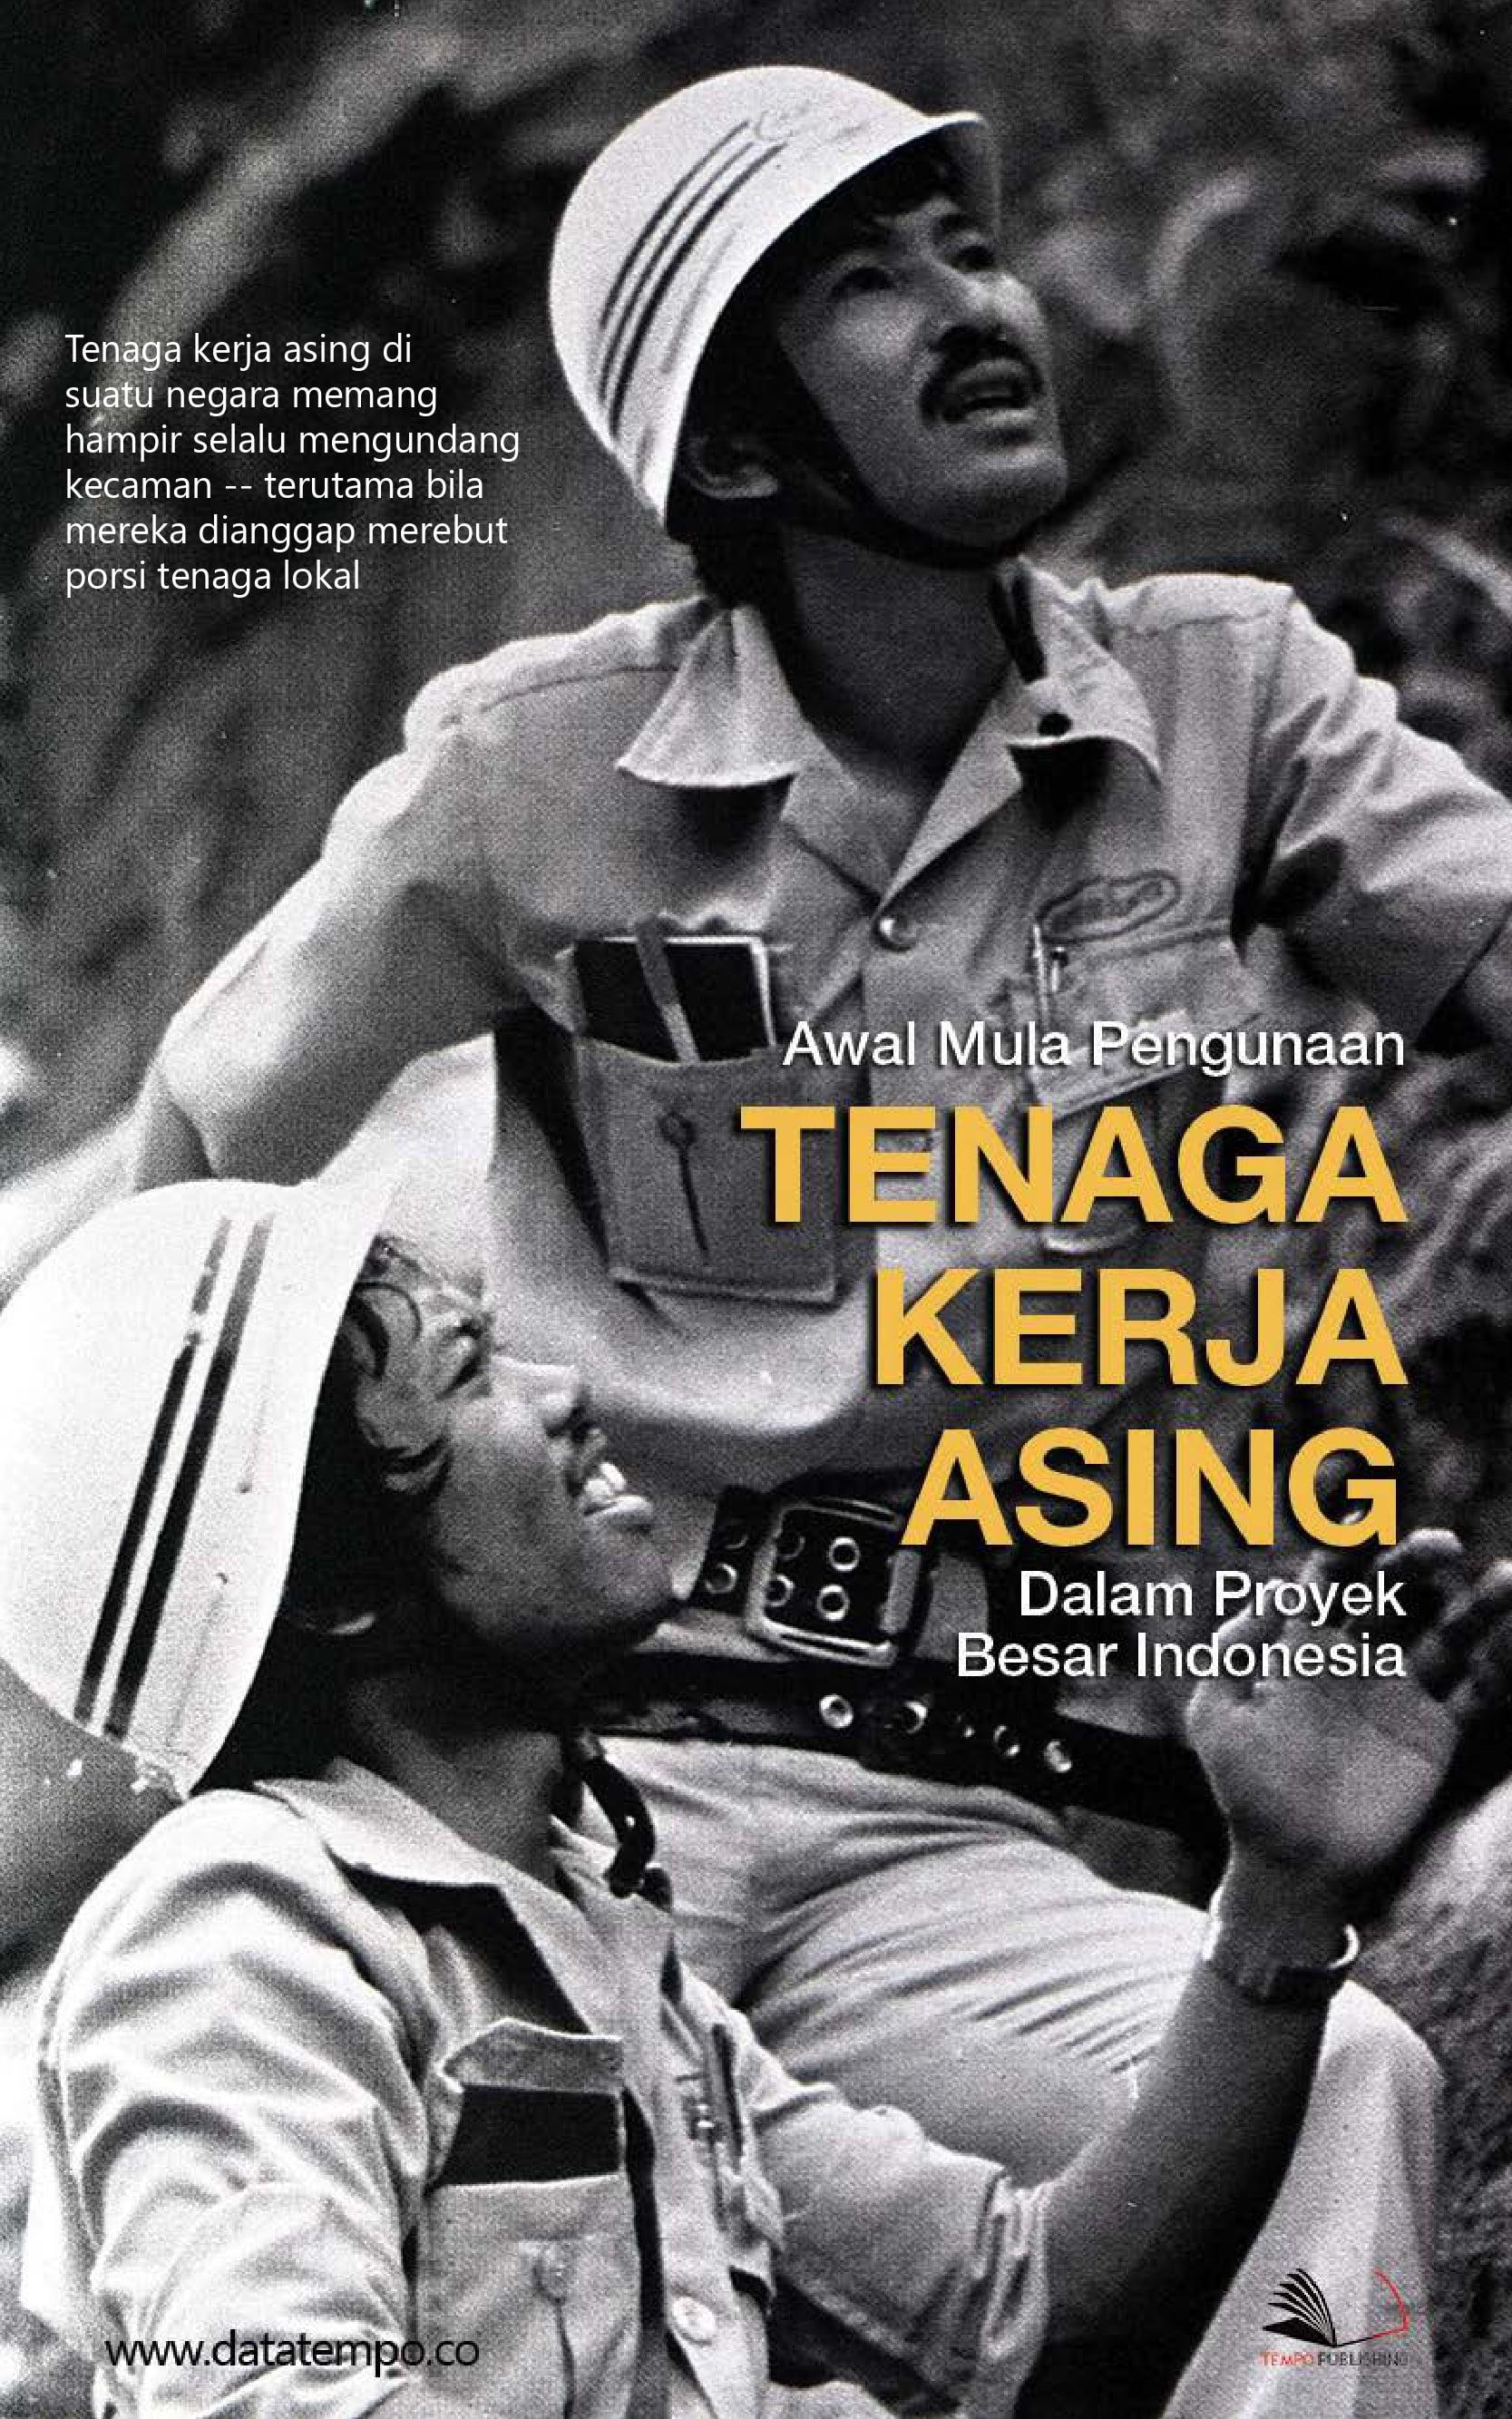 Awal mula pengunaan tenaga kerja asing dalam proyek besar Indonesia [sumber elektronis]